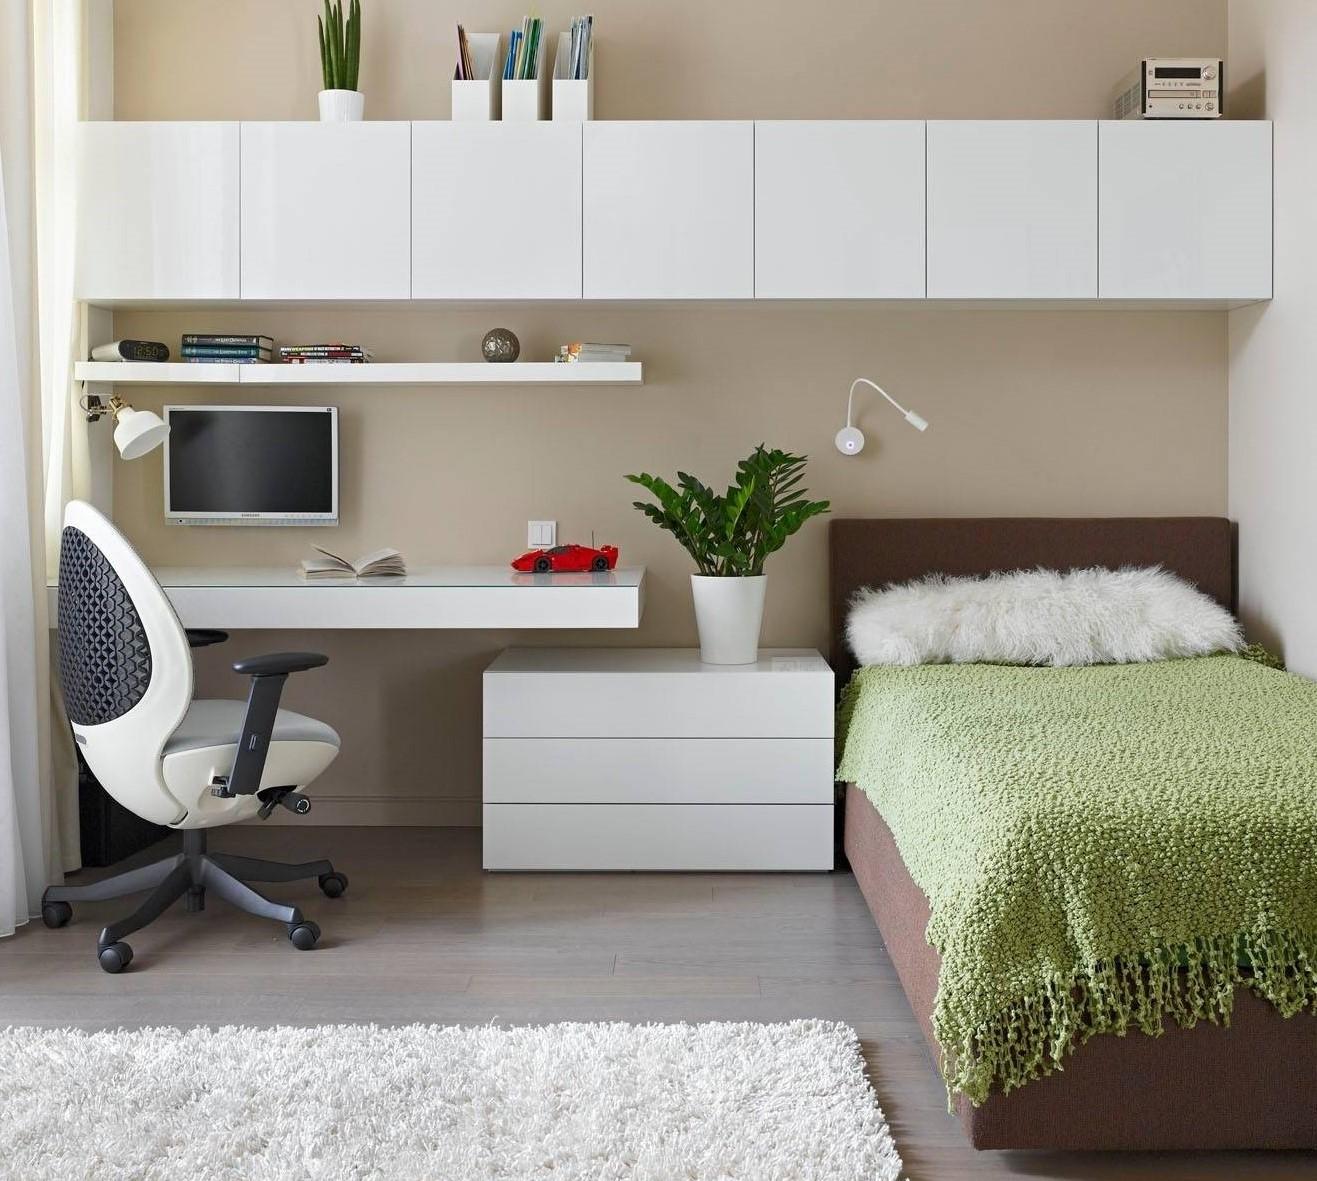 Tư vấn thiết kế căn hộ chung cư có diện tích 45m² với chi phí 128 triệu đồng - Ảnh 12.